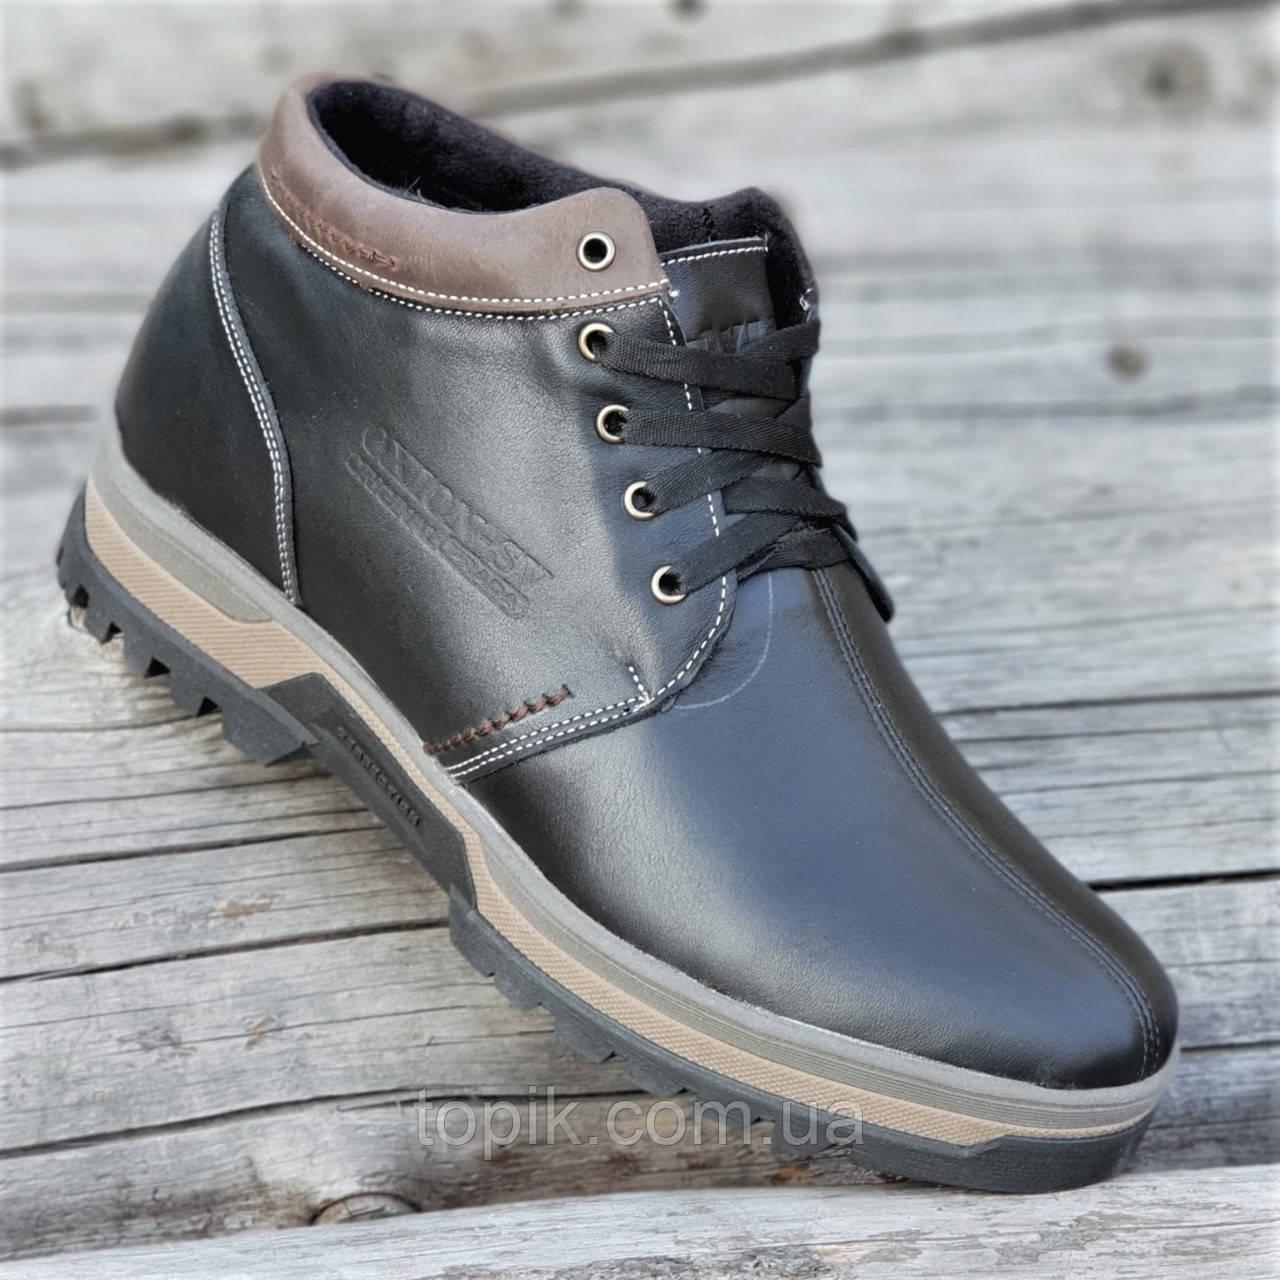 c2ccf362 Зимние мужские полуботинки ботинки черные кожаные прошиты натуральный мех  стильные на зиму (Код: 1297)